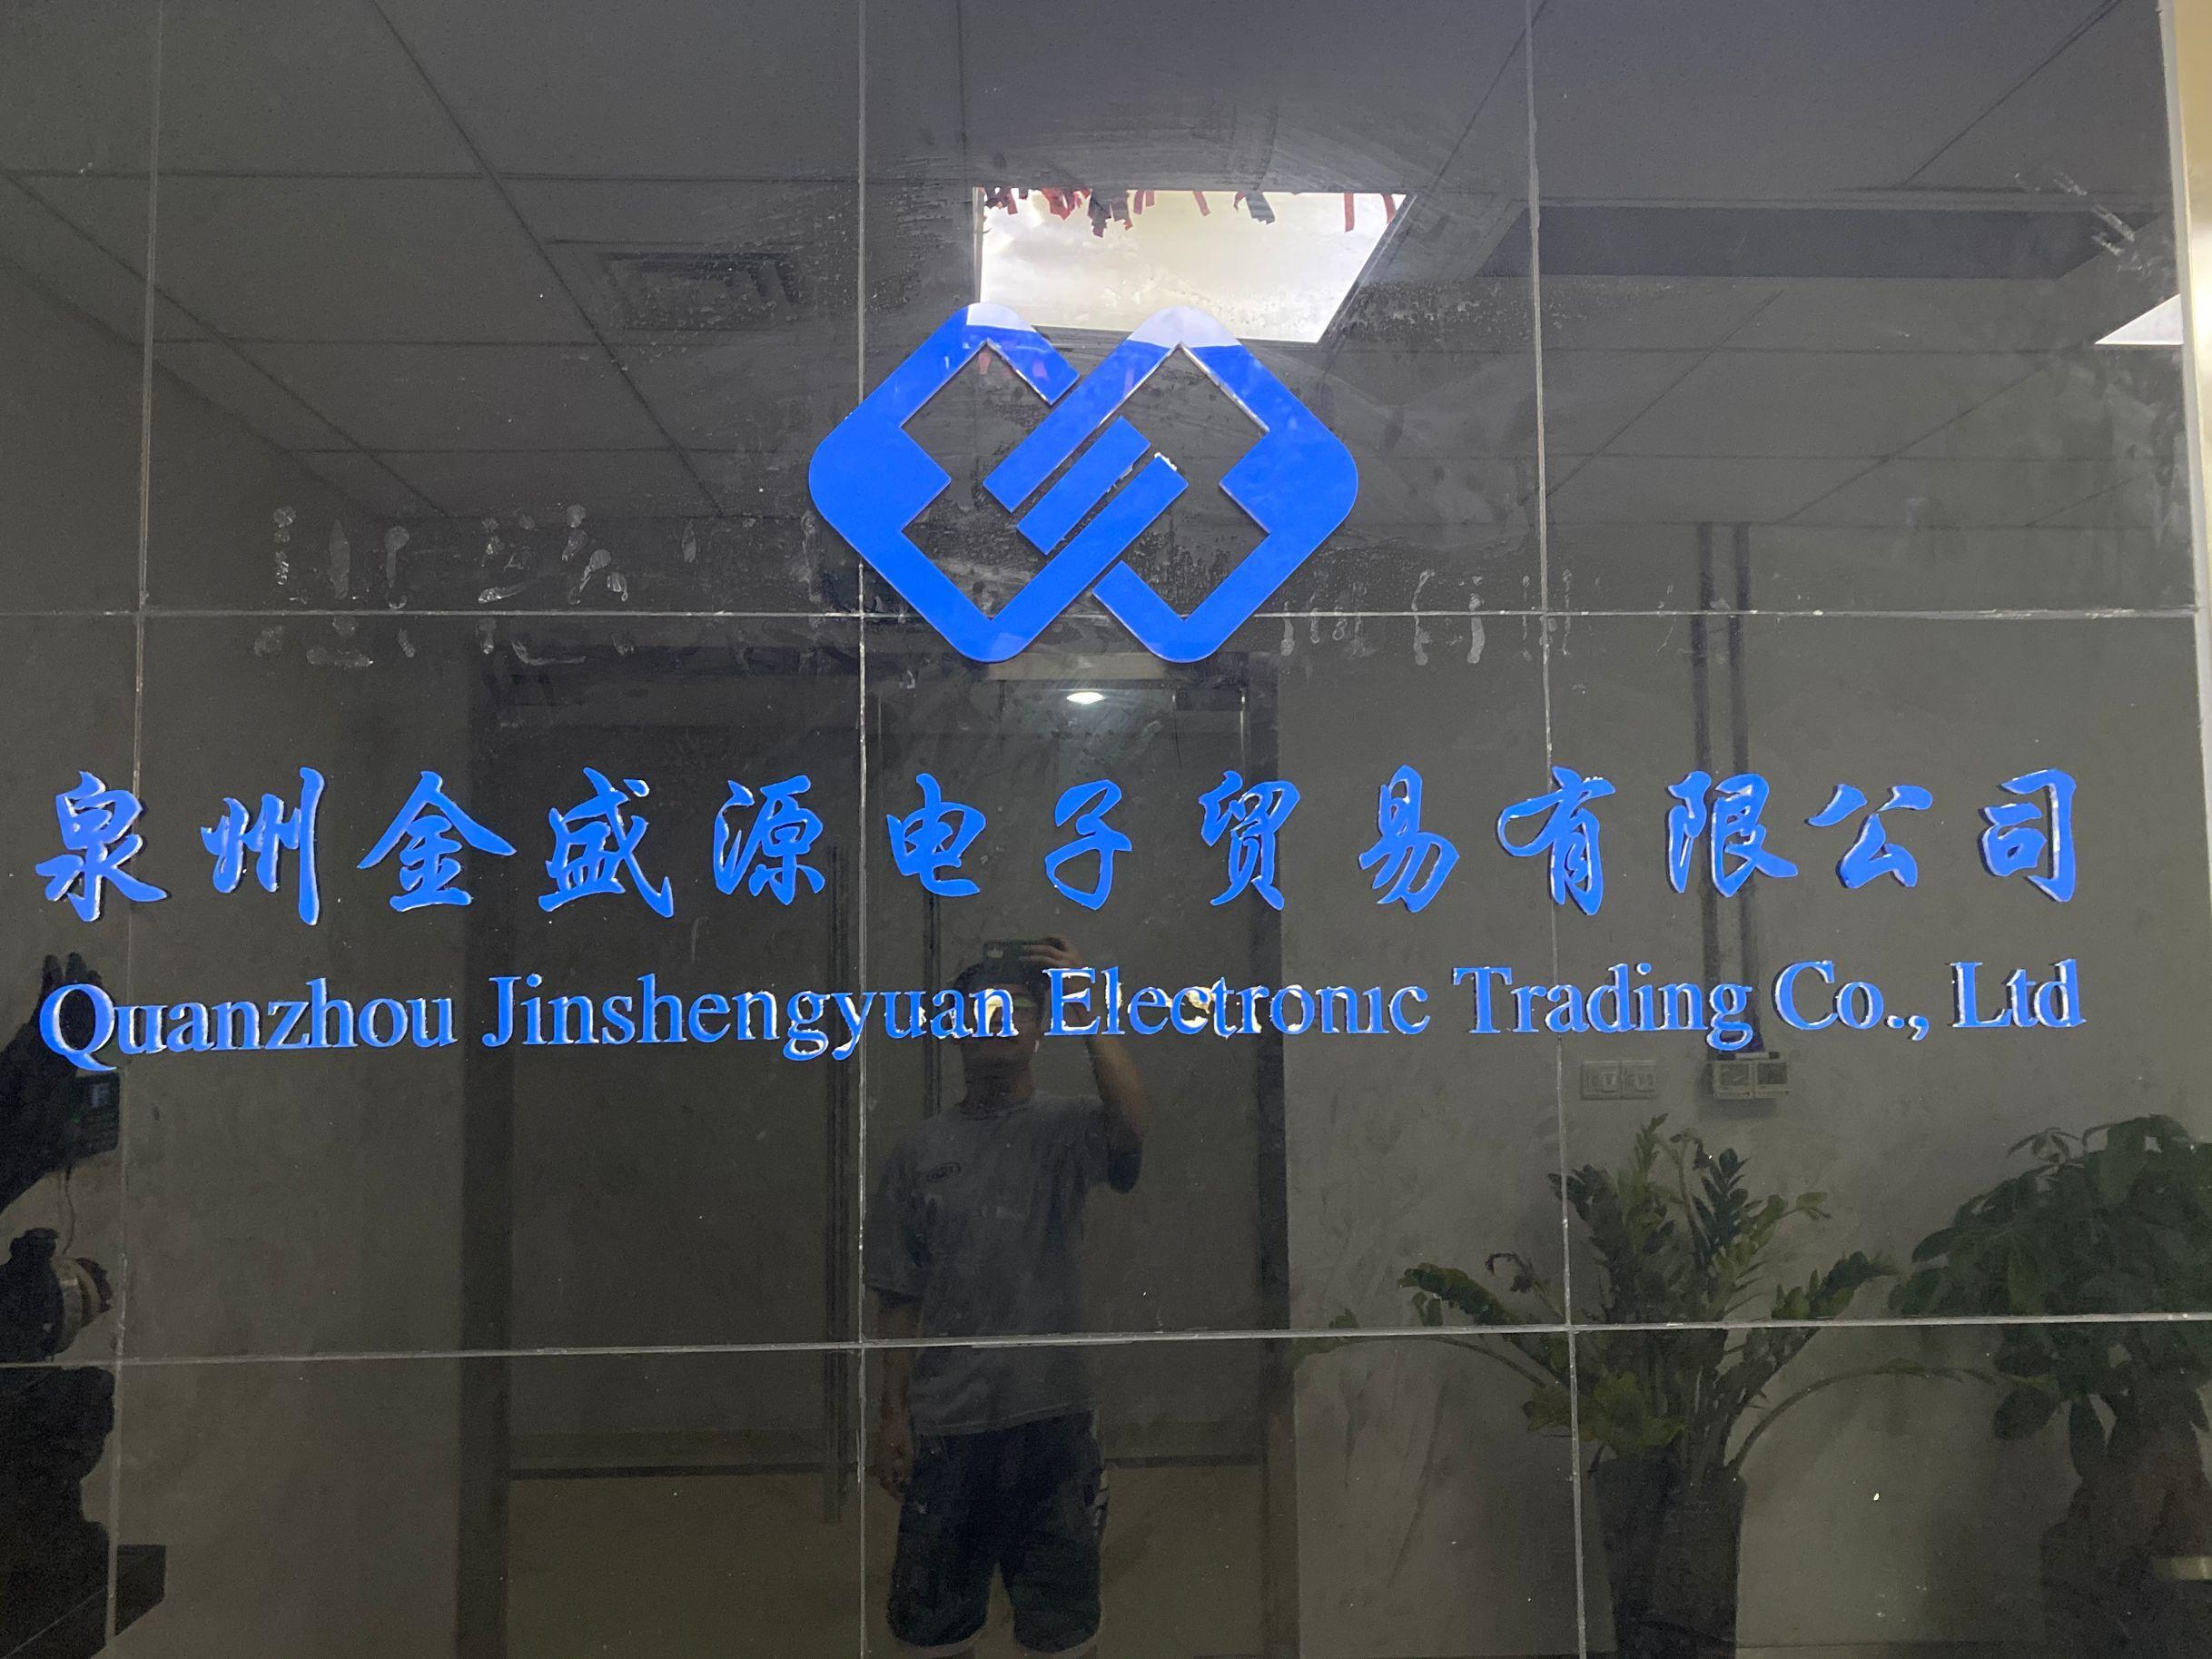 泉州金盛源电子贸易有限公司